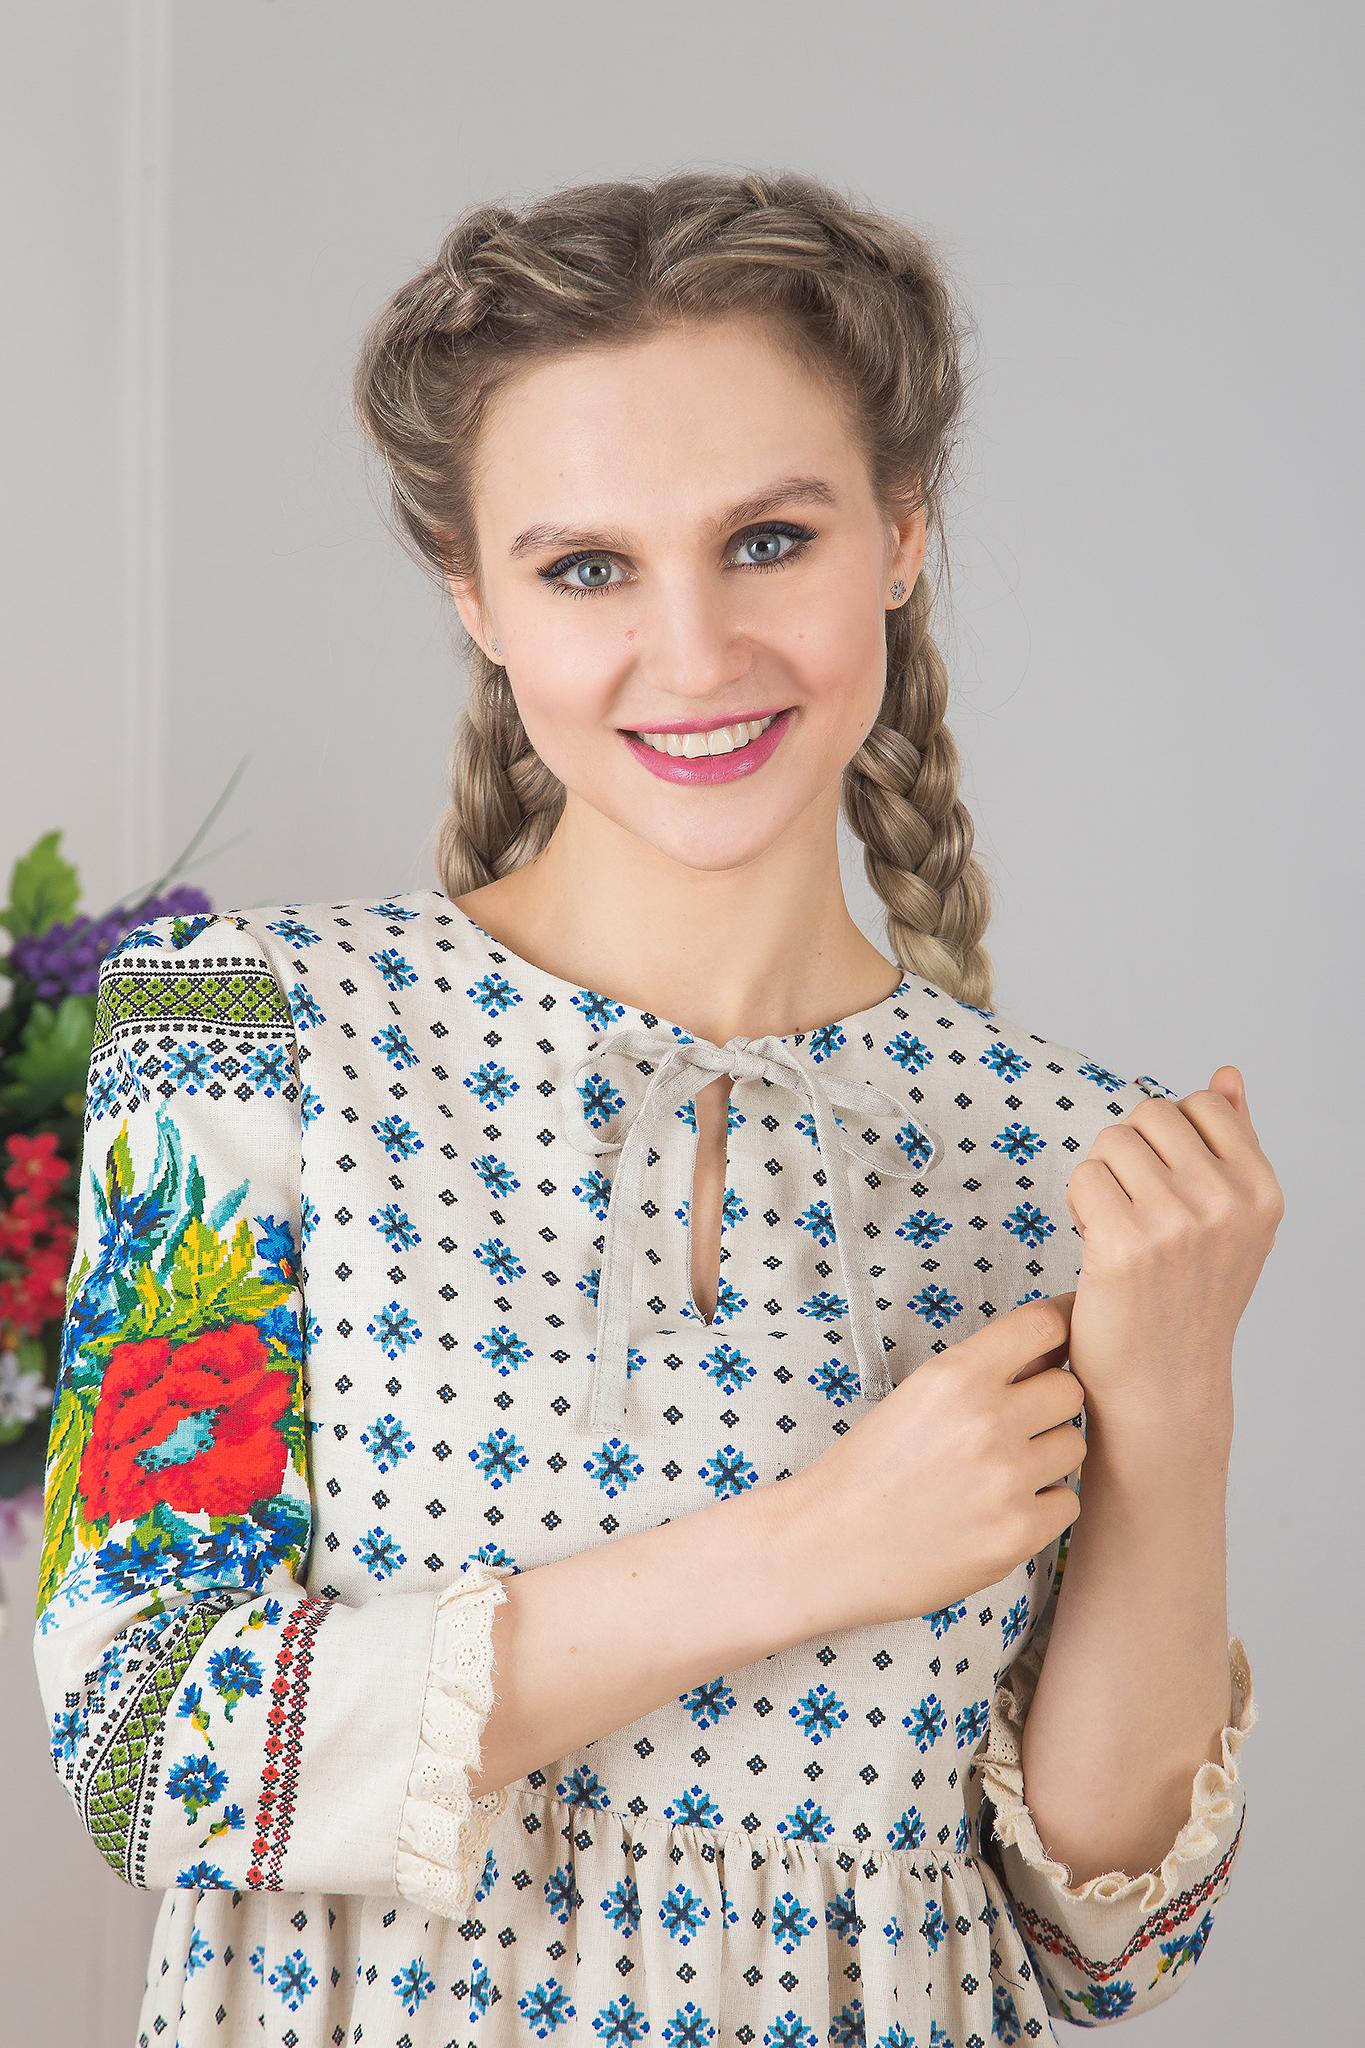 Платье льняное Квитка приближенный фрагмент